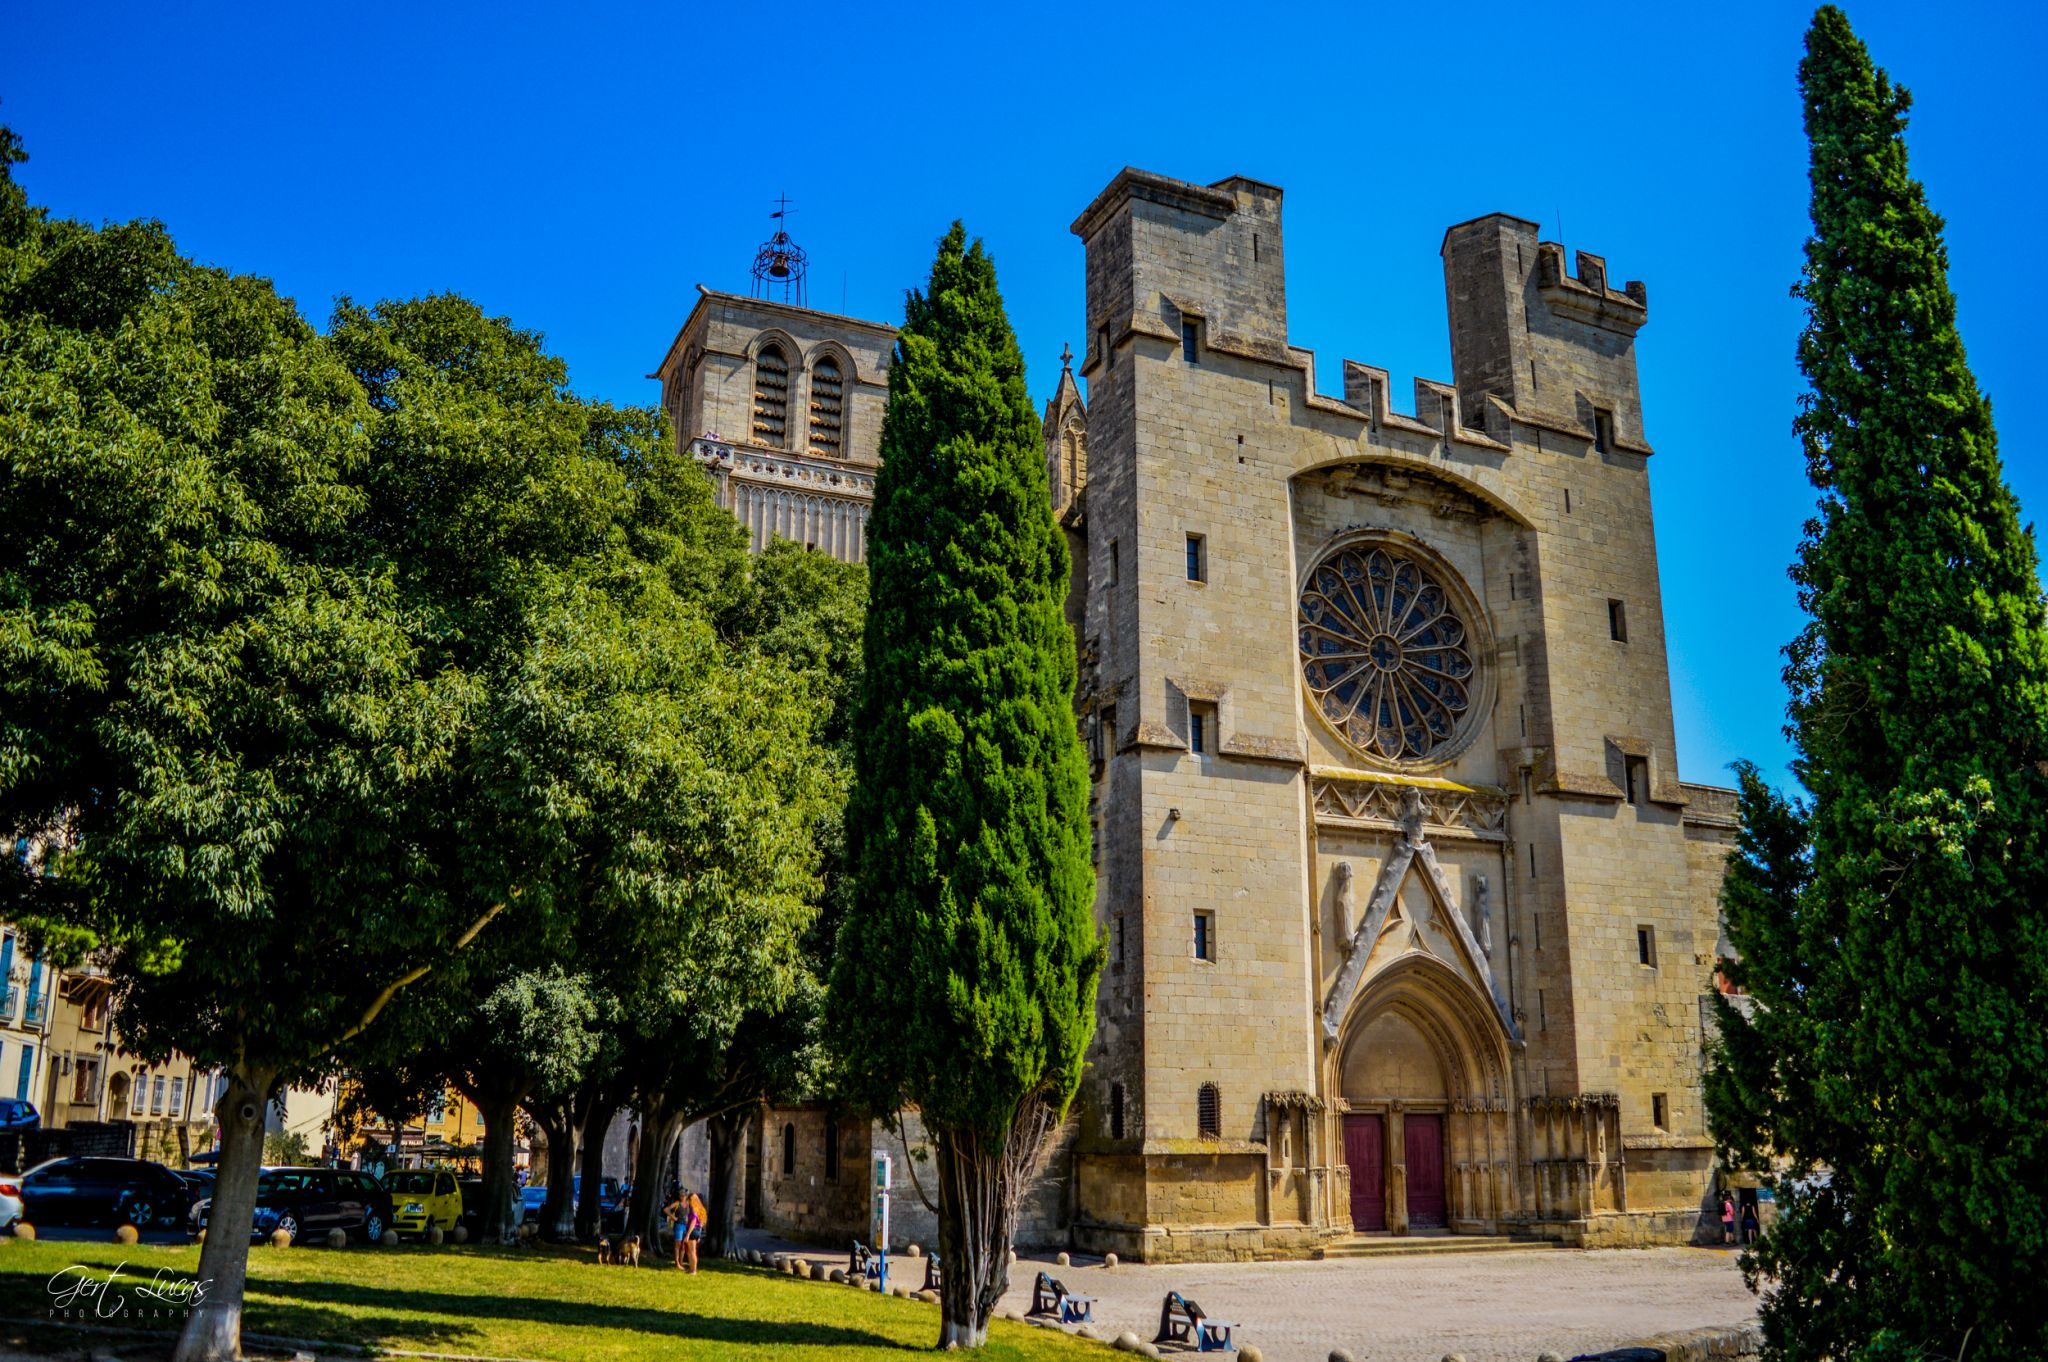 Béziers - Cathédrale Saint Nazaire, France